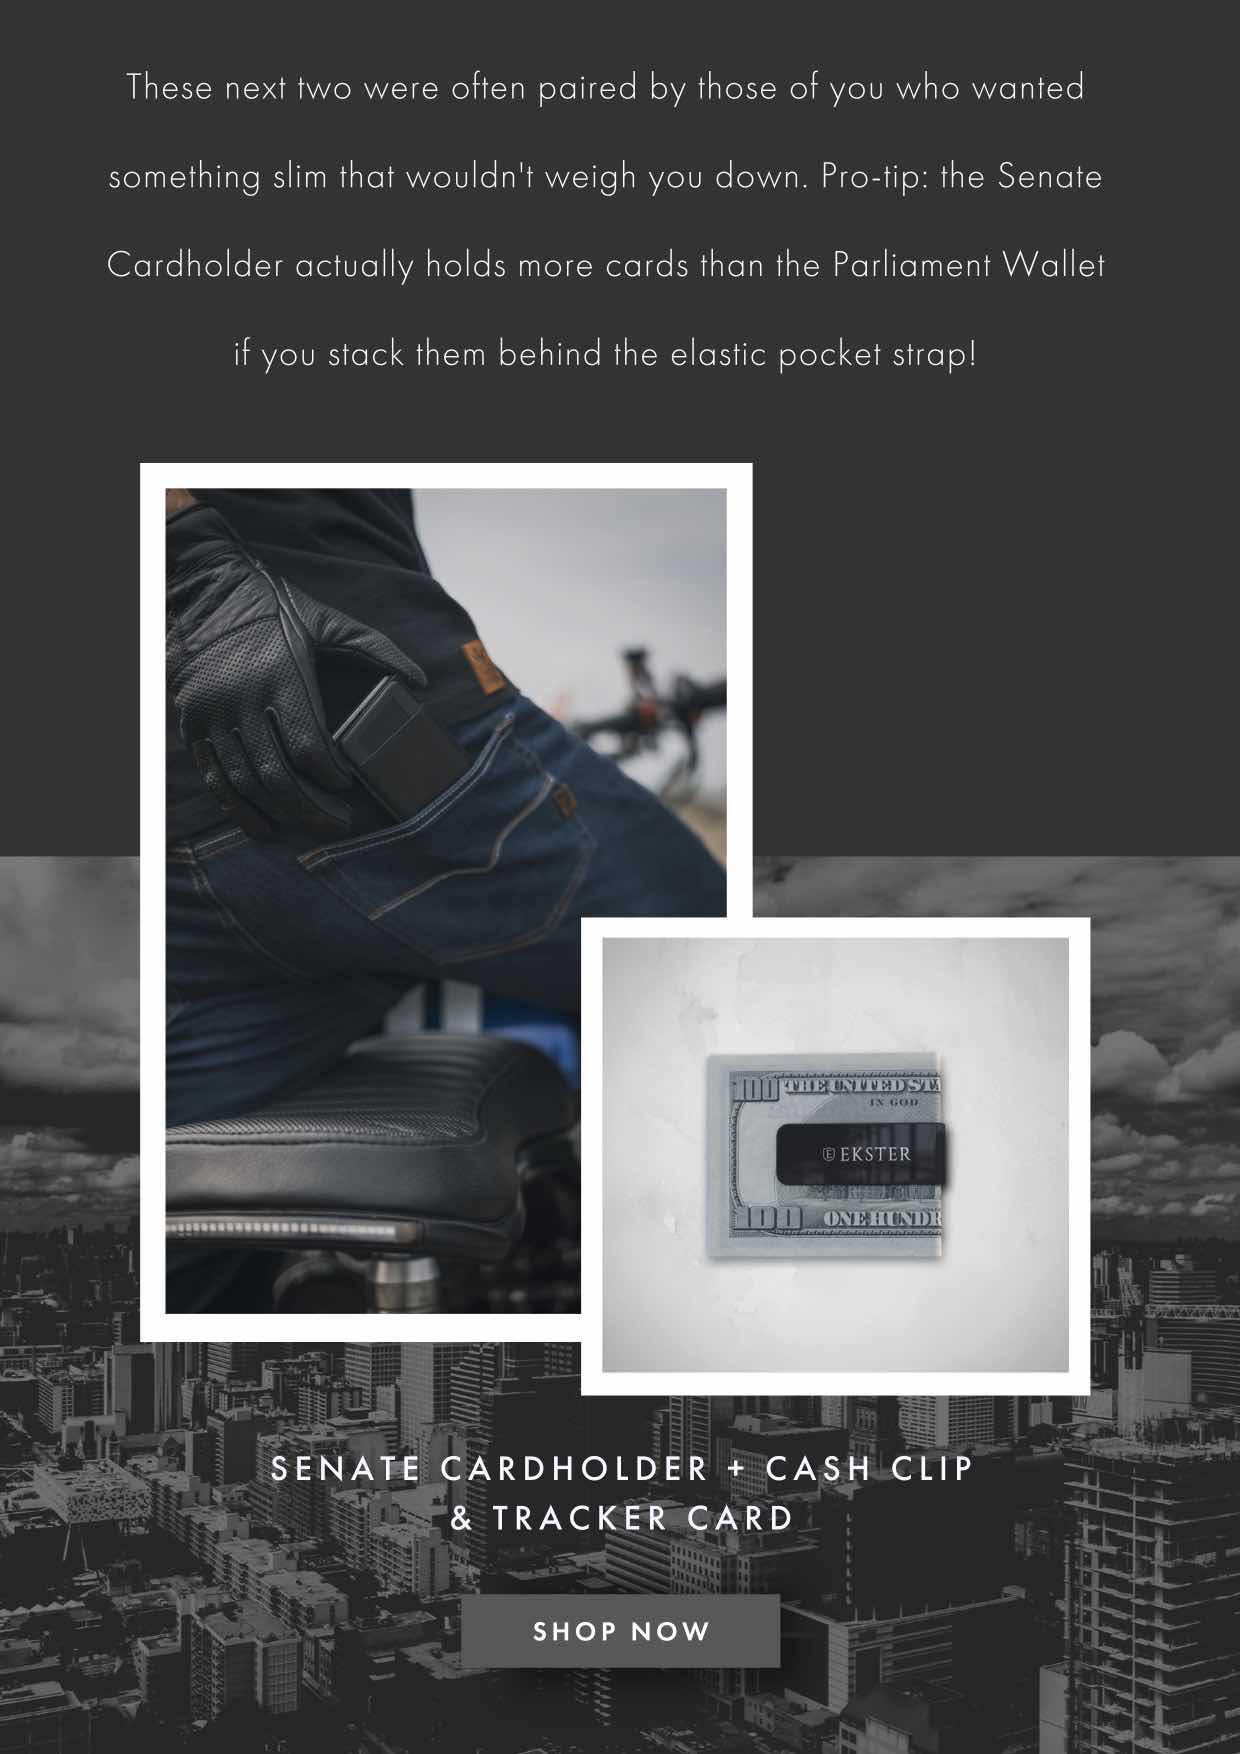 SENATE + TRACKER + CASH CLIP